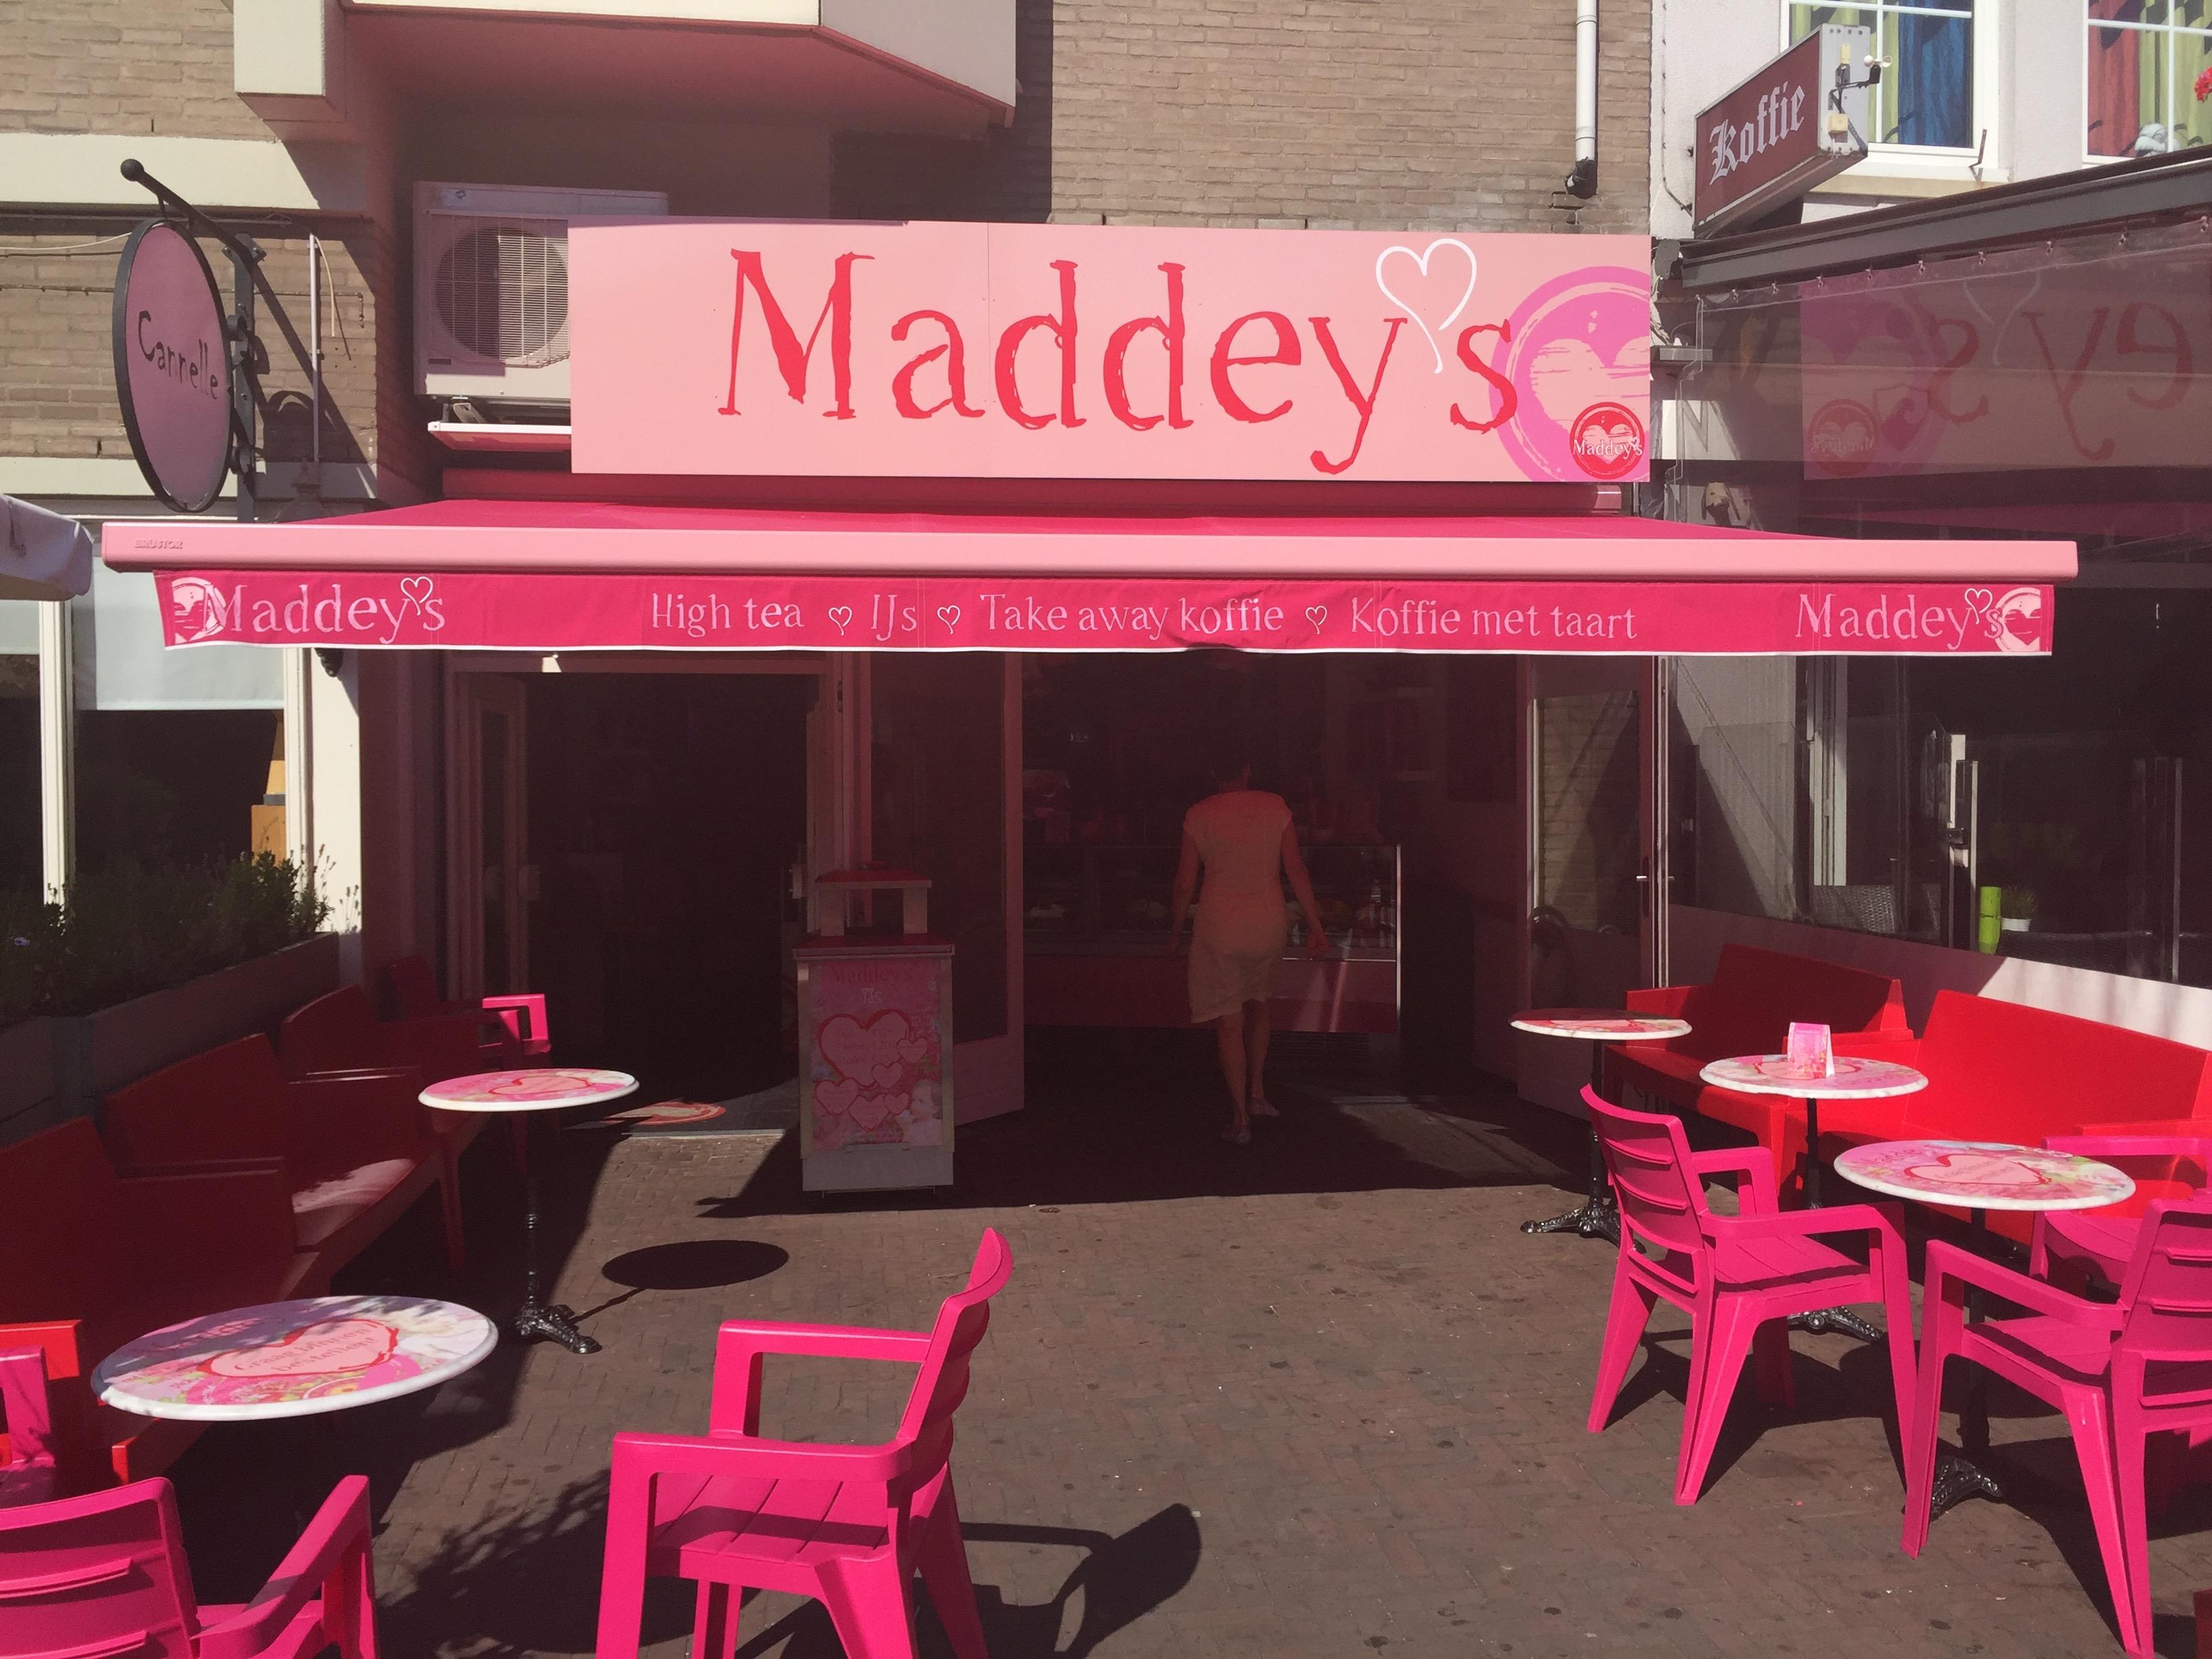 Maddey's